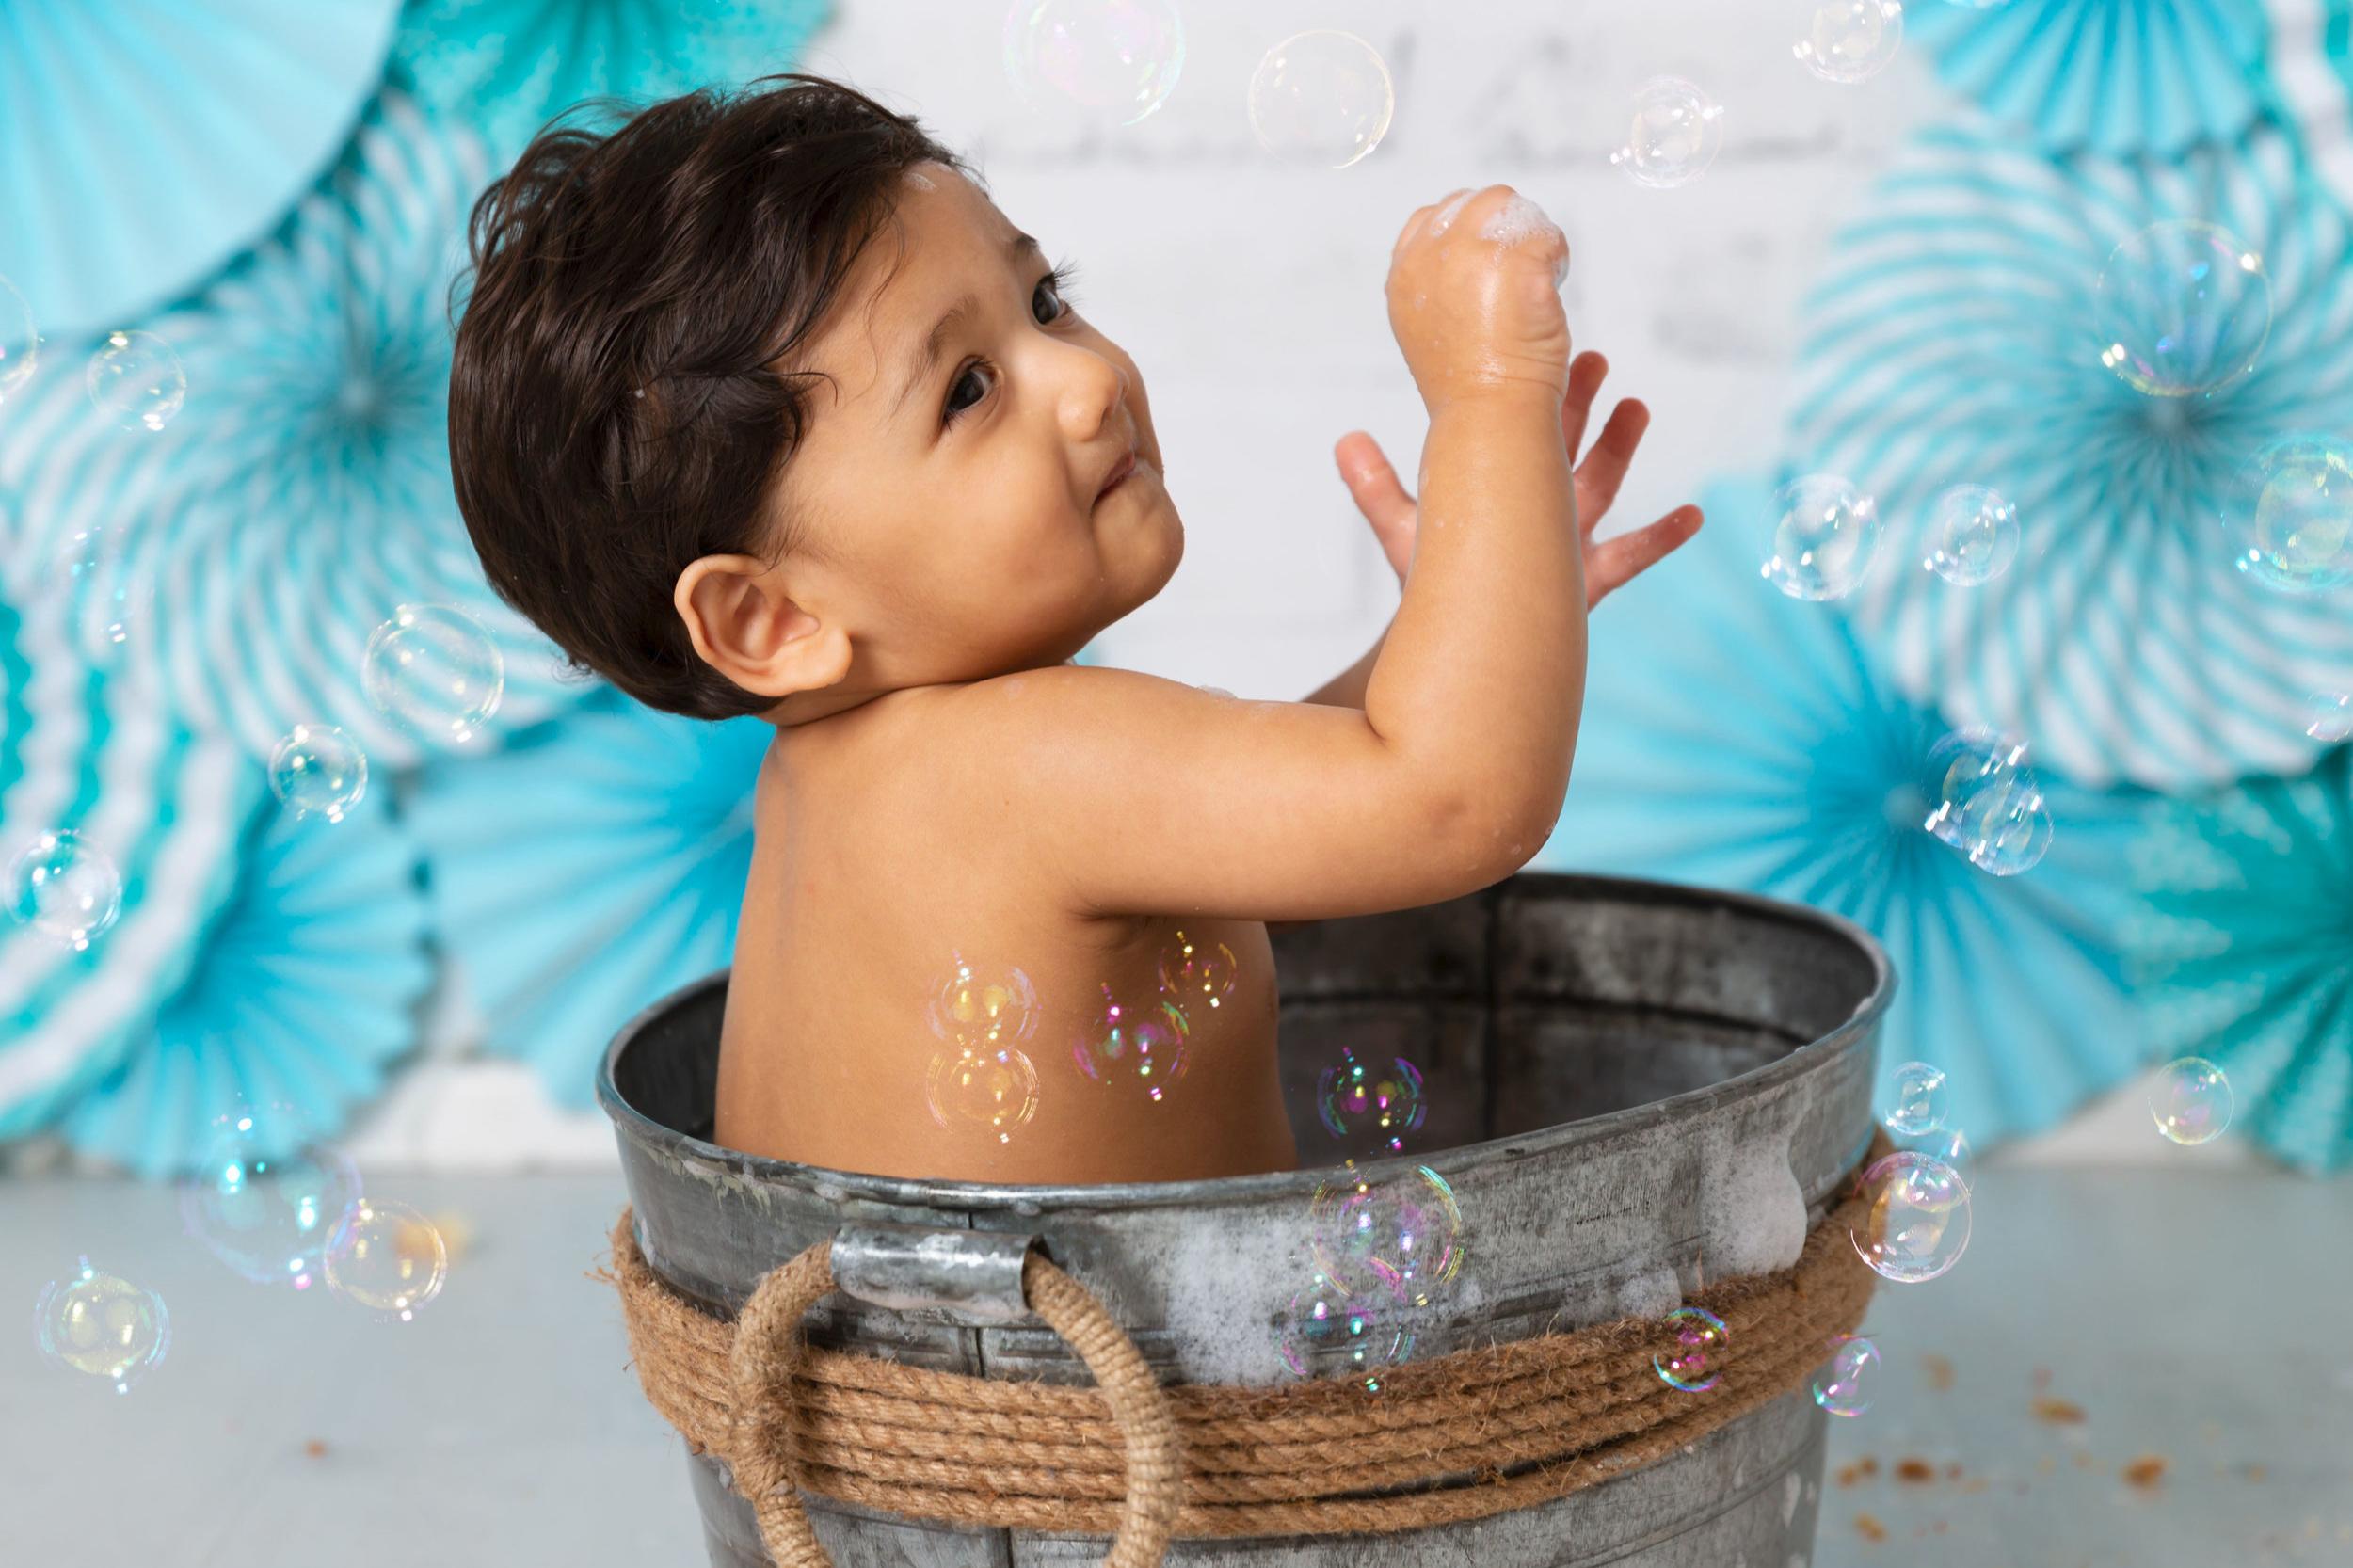 cakesmash-splash-bubbles-baby-boy-london.jpg